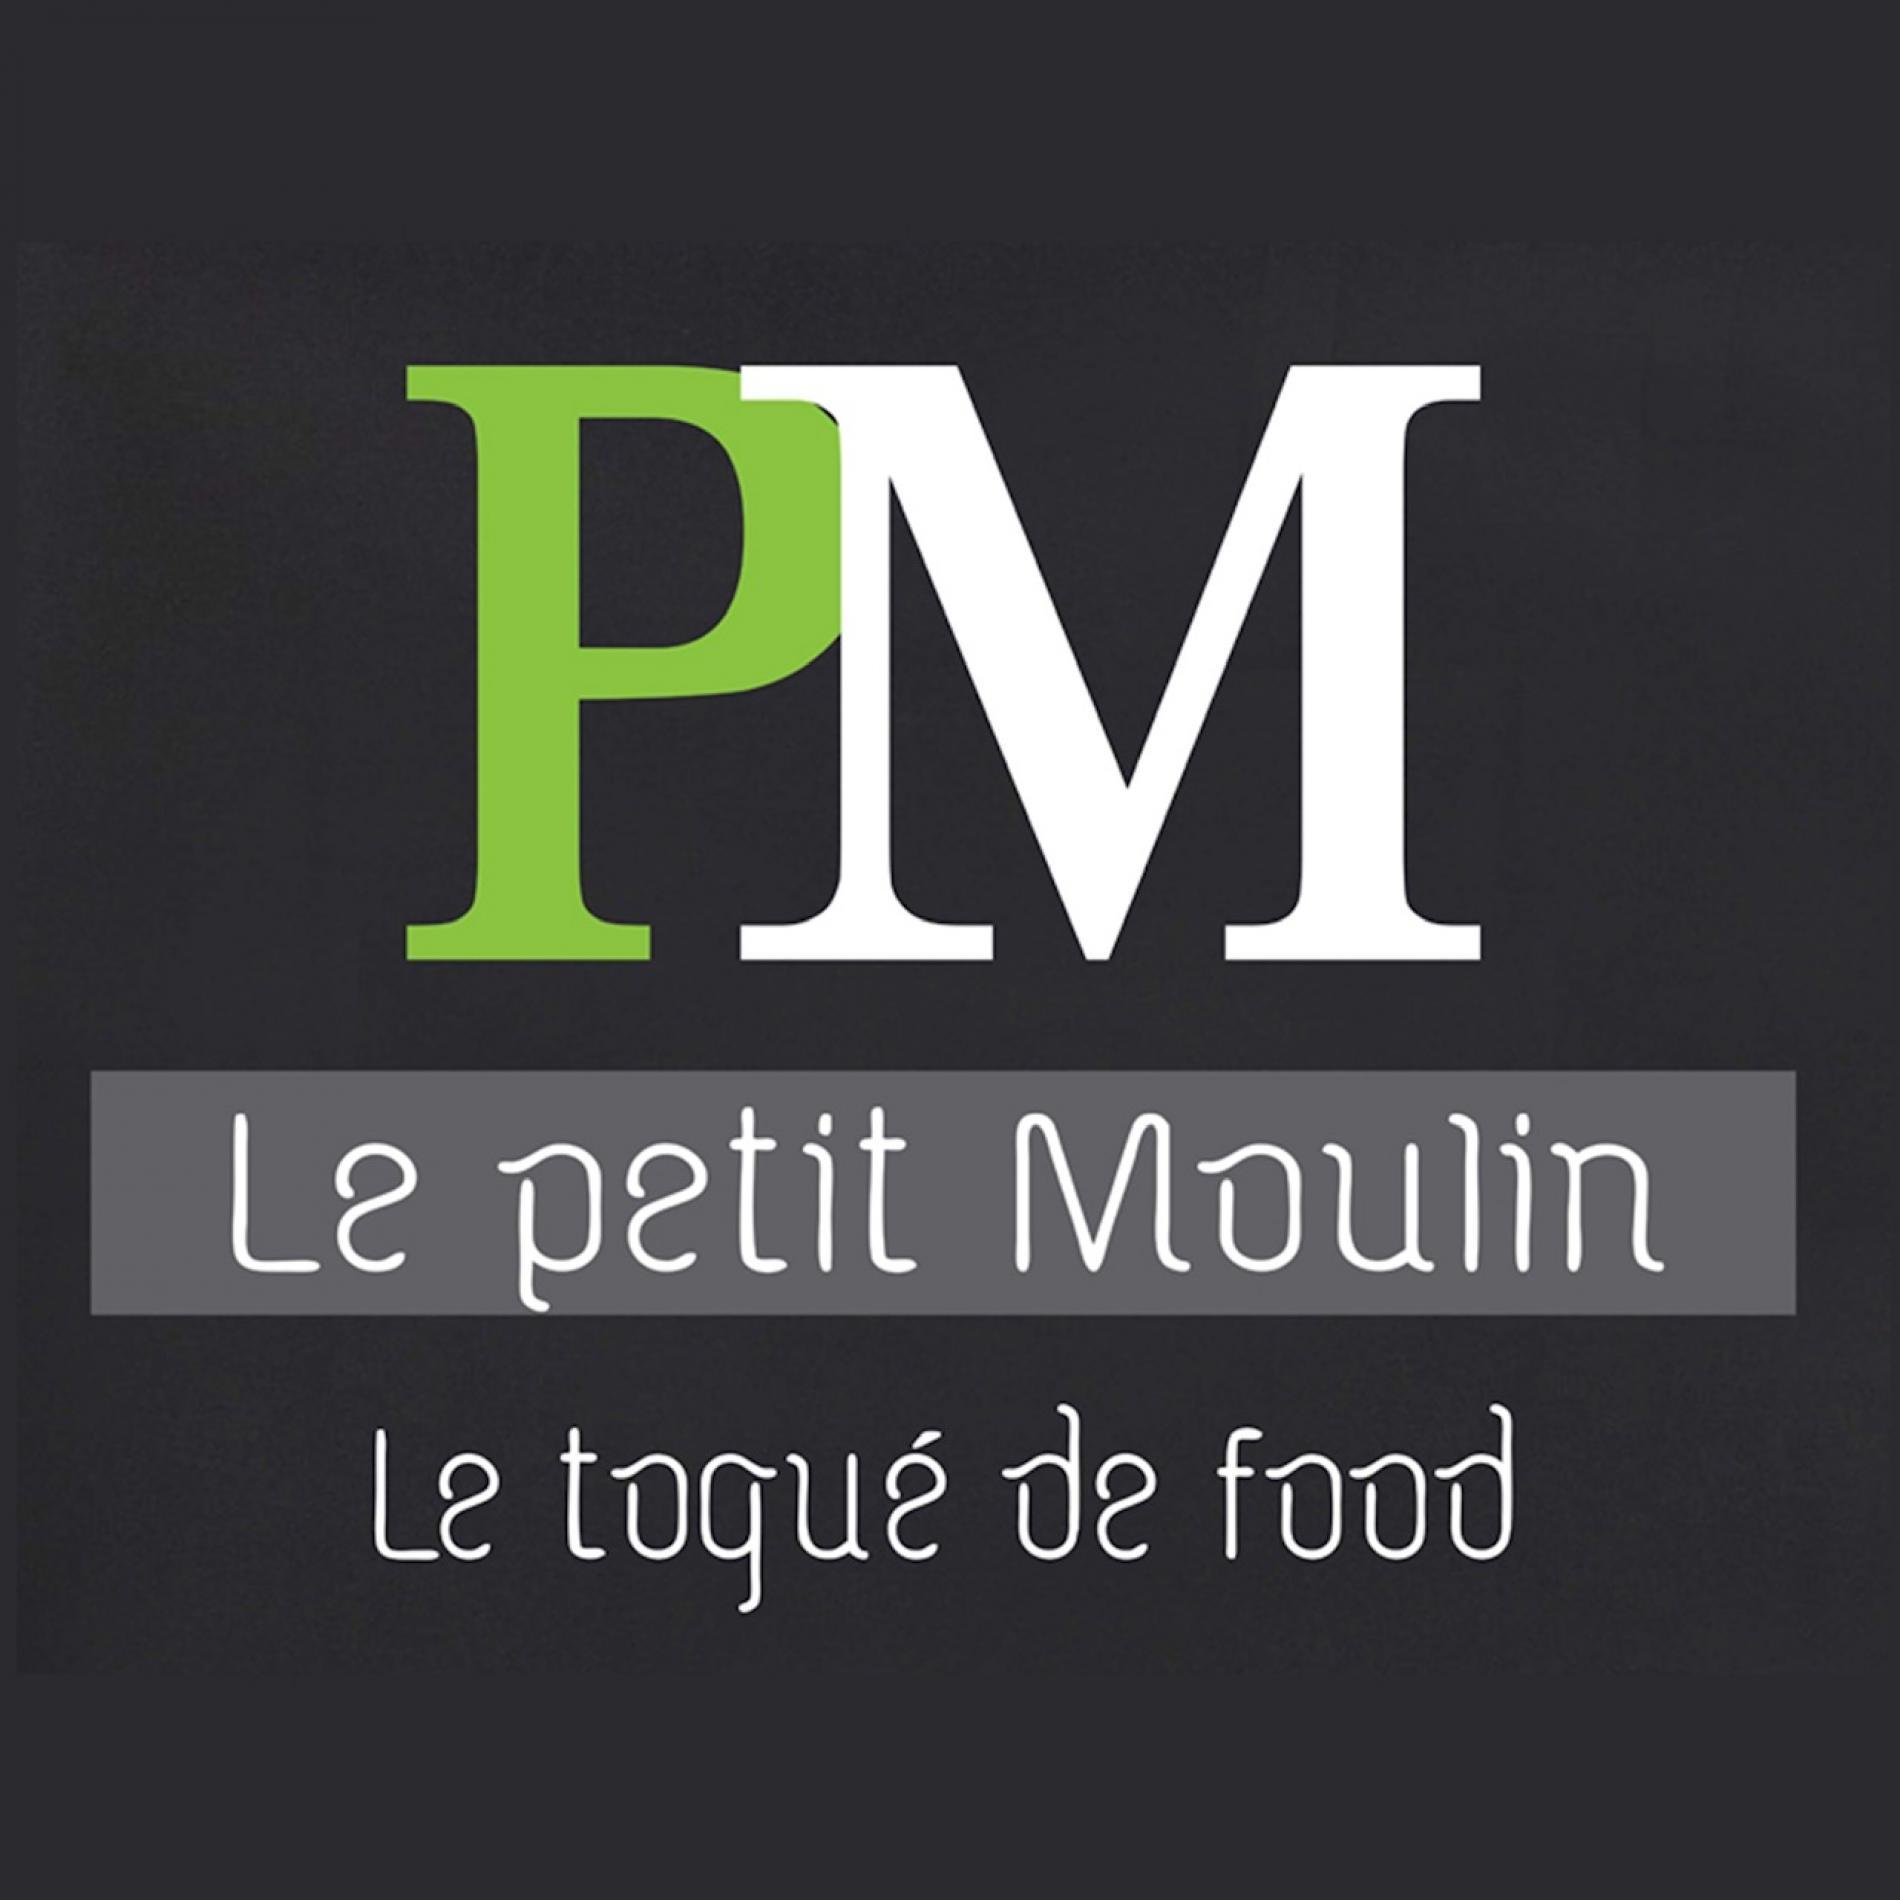 Le Petit Moullin